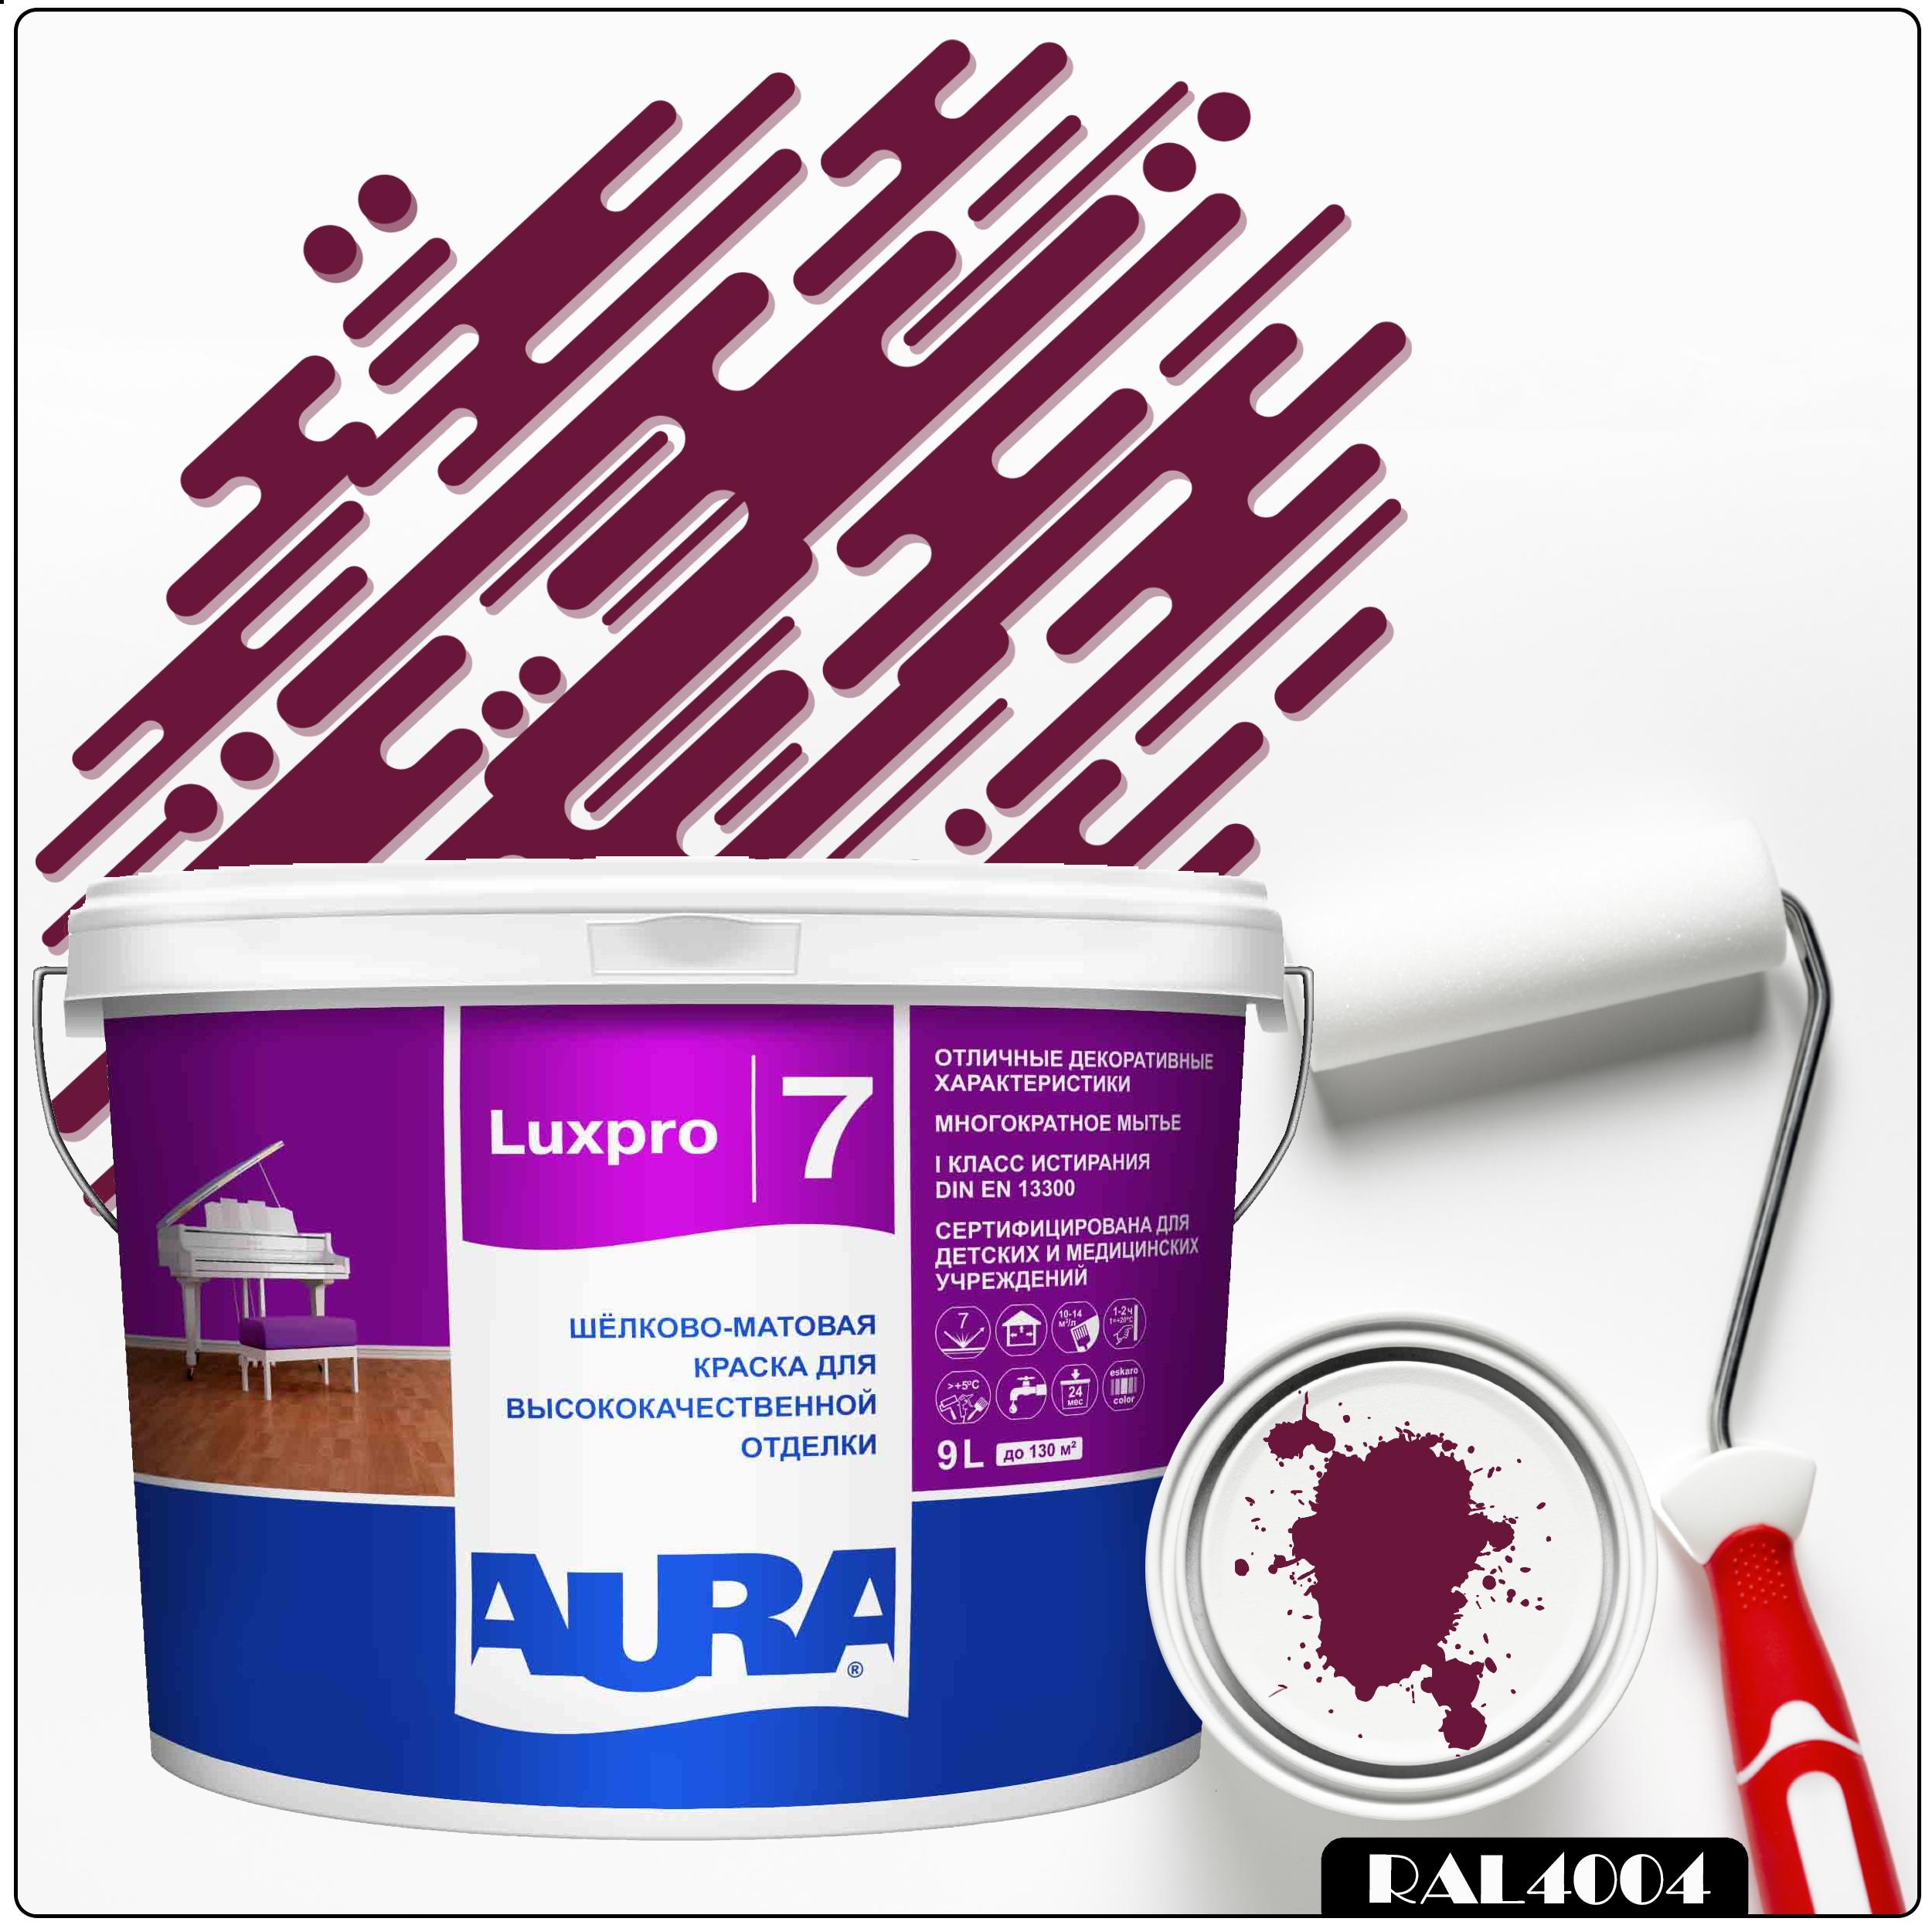 Фото 4 - Краска Aura LuxPRO 7, RAL 4004 Бордово-фиолетовый, латексная, шелково-матовая, интерьерная, 9л, Аура.